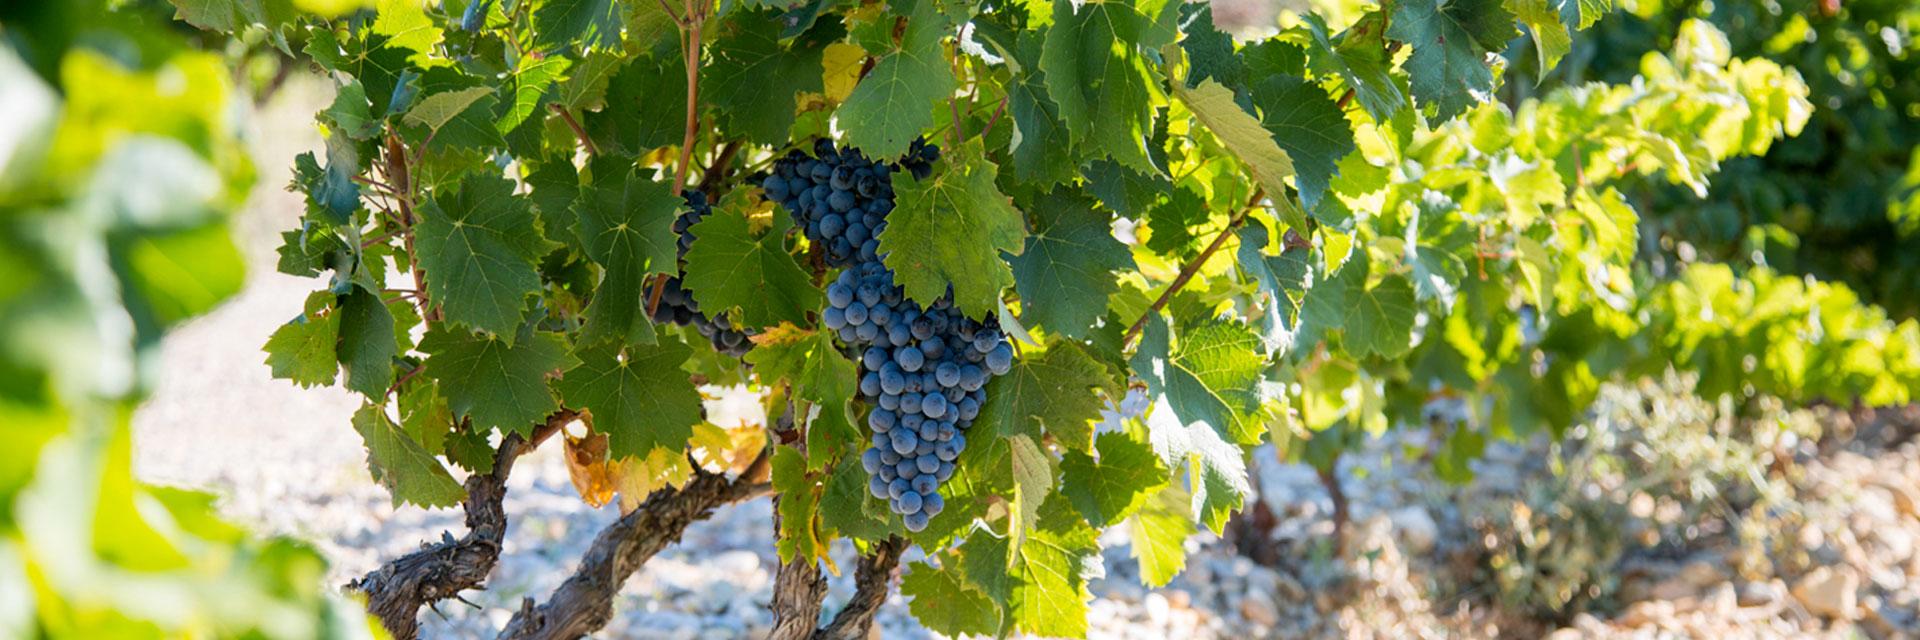 colombes des vignes cave des vignerons r unis sainte c cile les vignes. Black Bedroom Furniture Sets. Home Design Ideas